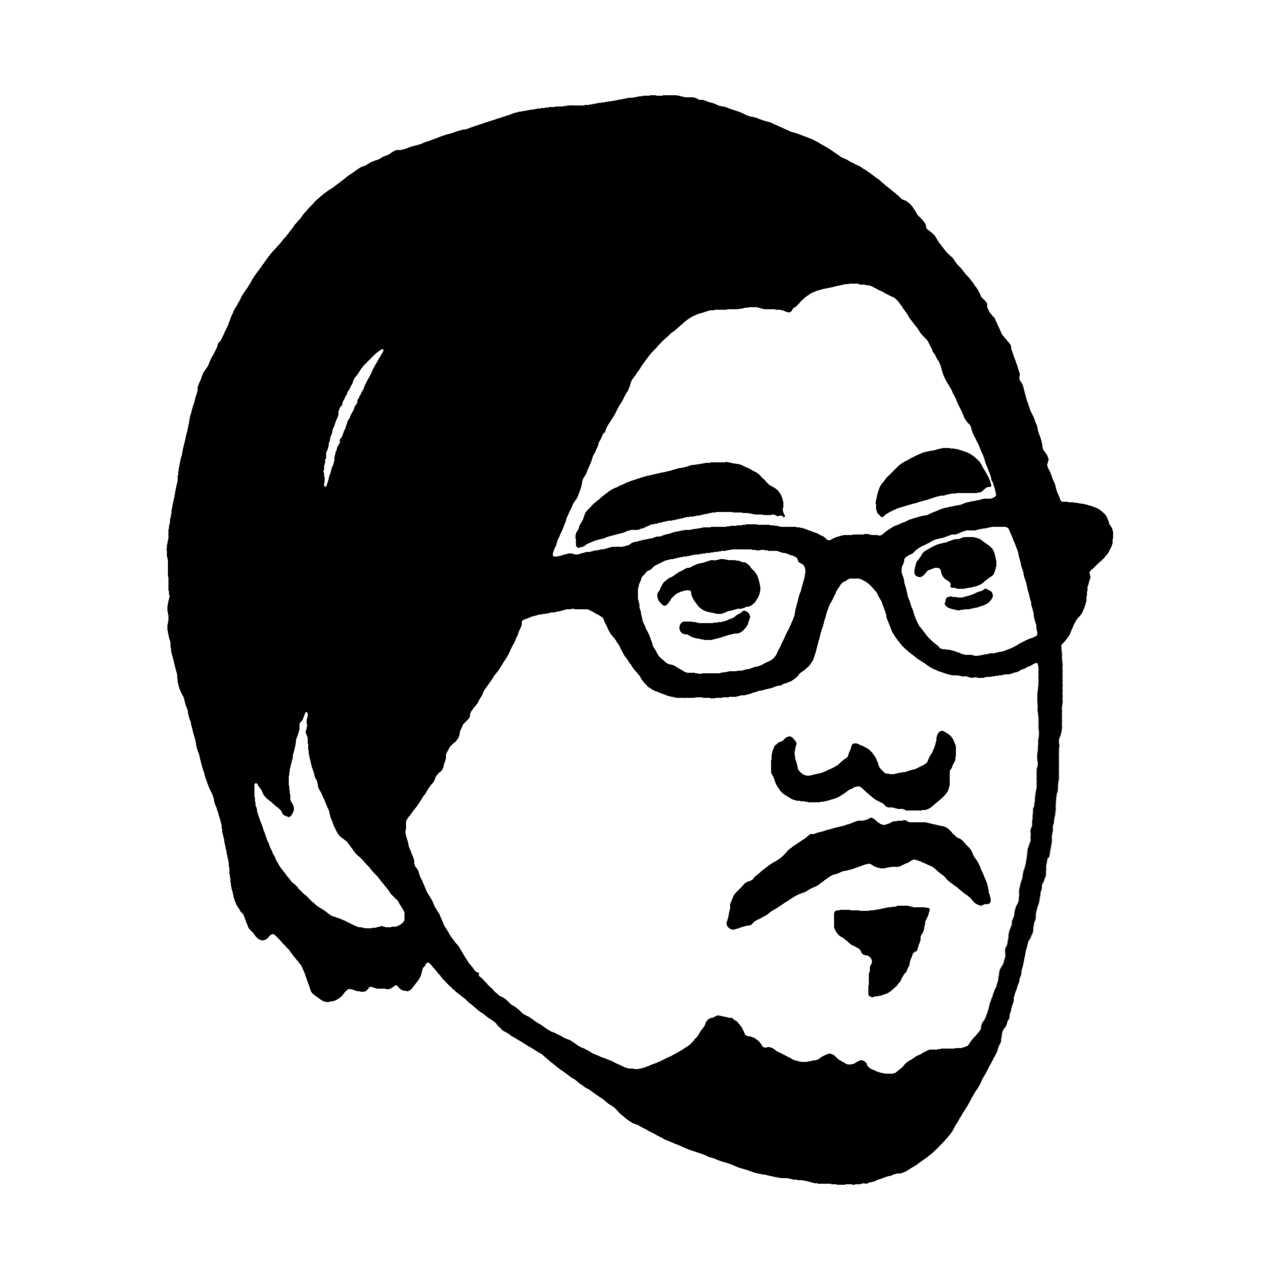 冨田ラボ『夜汽車 feat. BASI & kojikoji』リリース決定、MV公開!